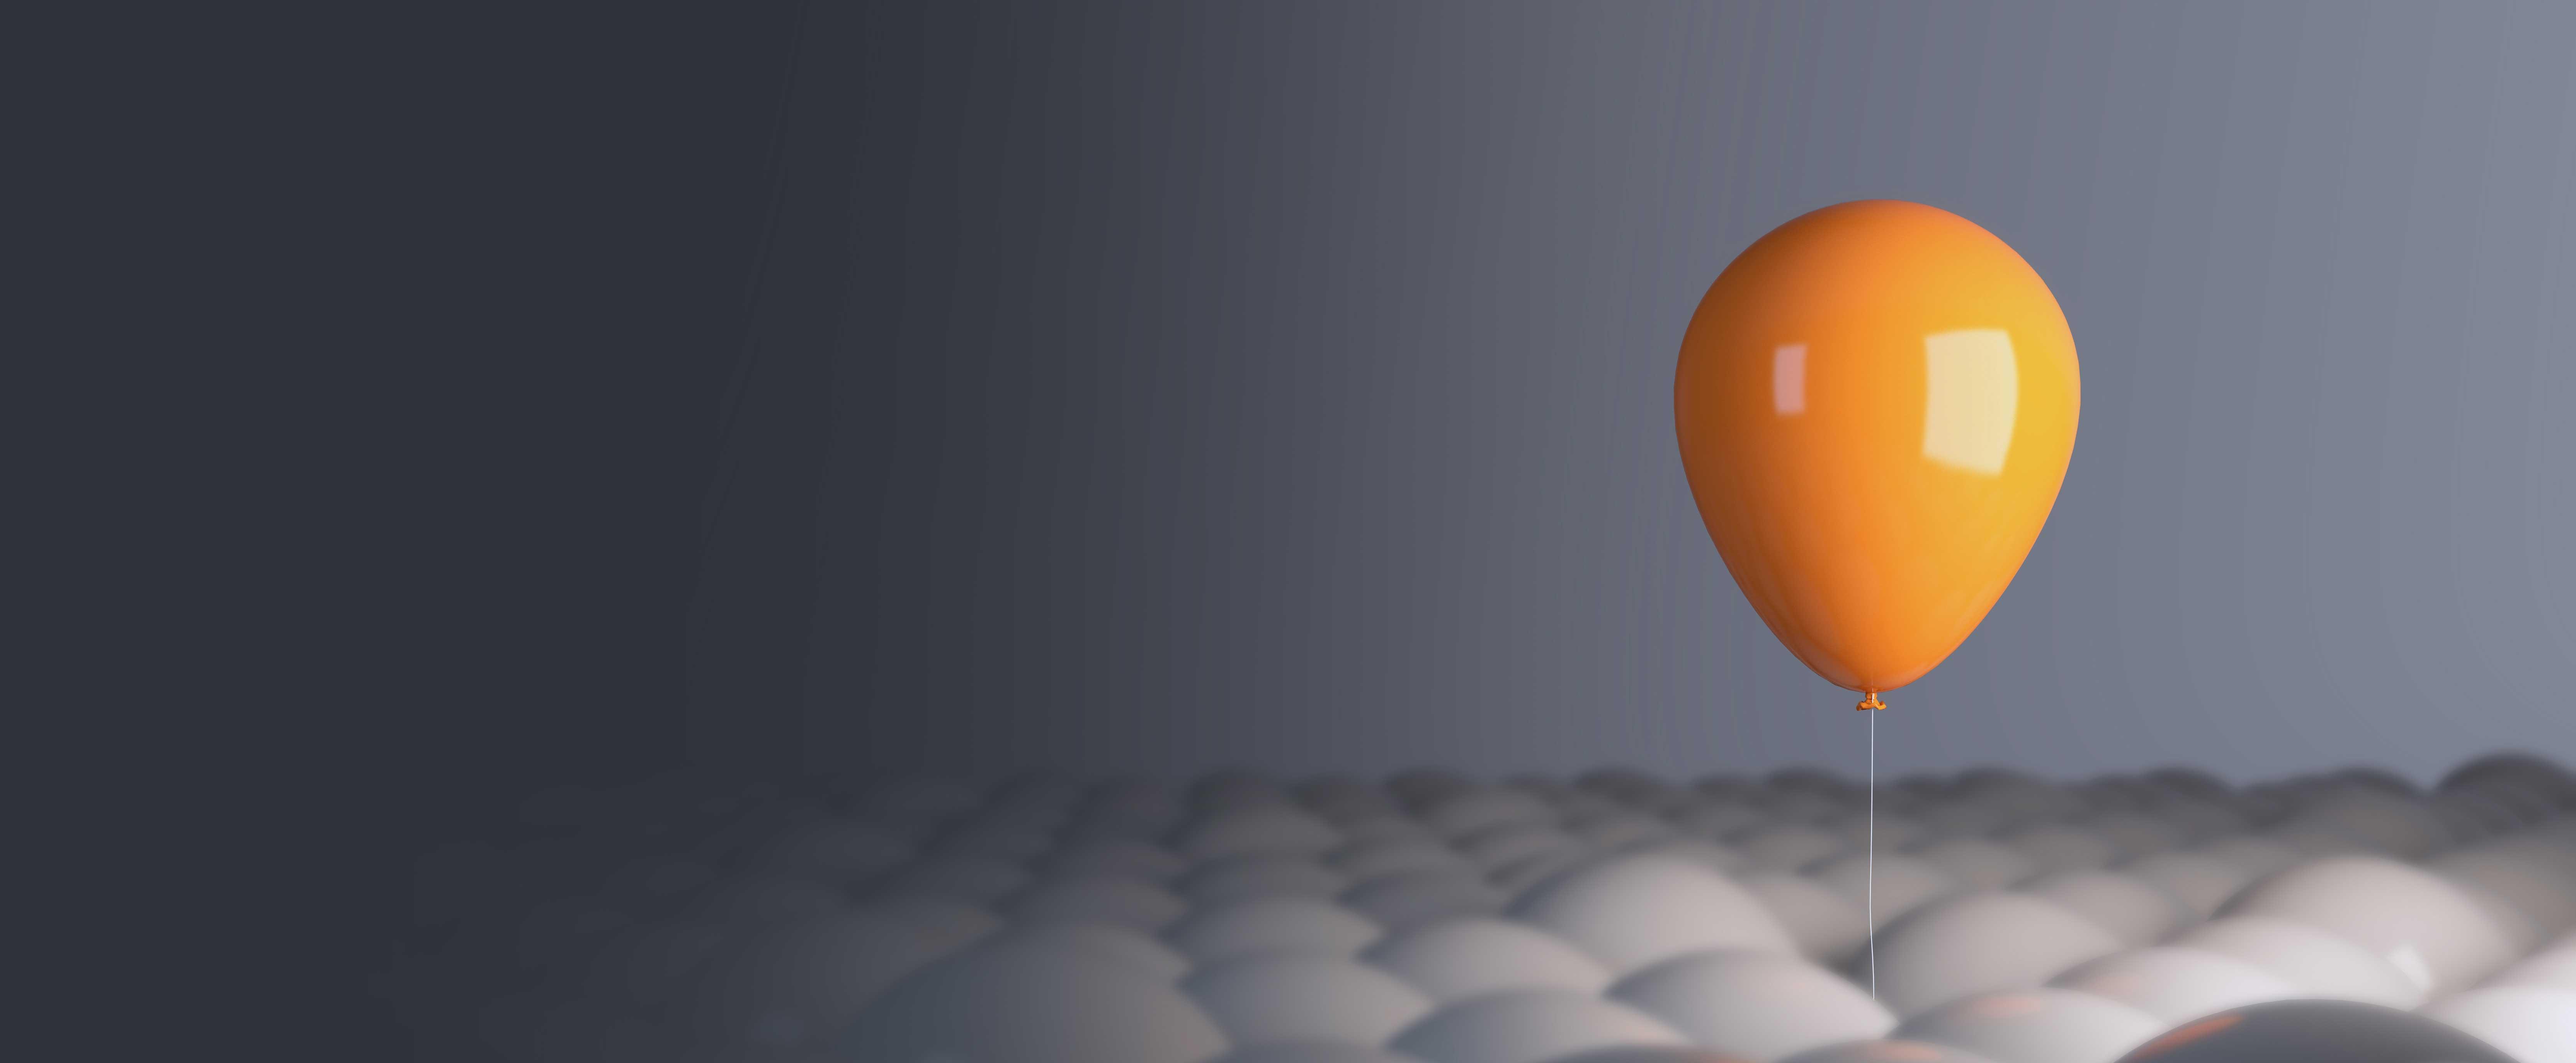 balloon-ontellus-homepage_4-1.jpg